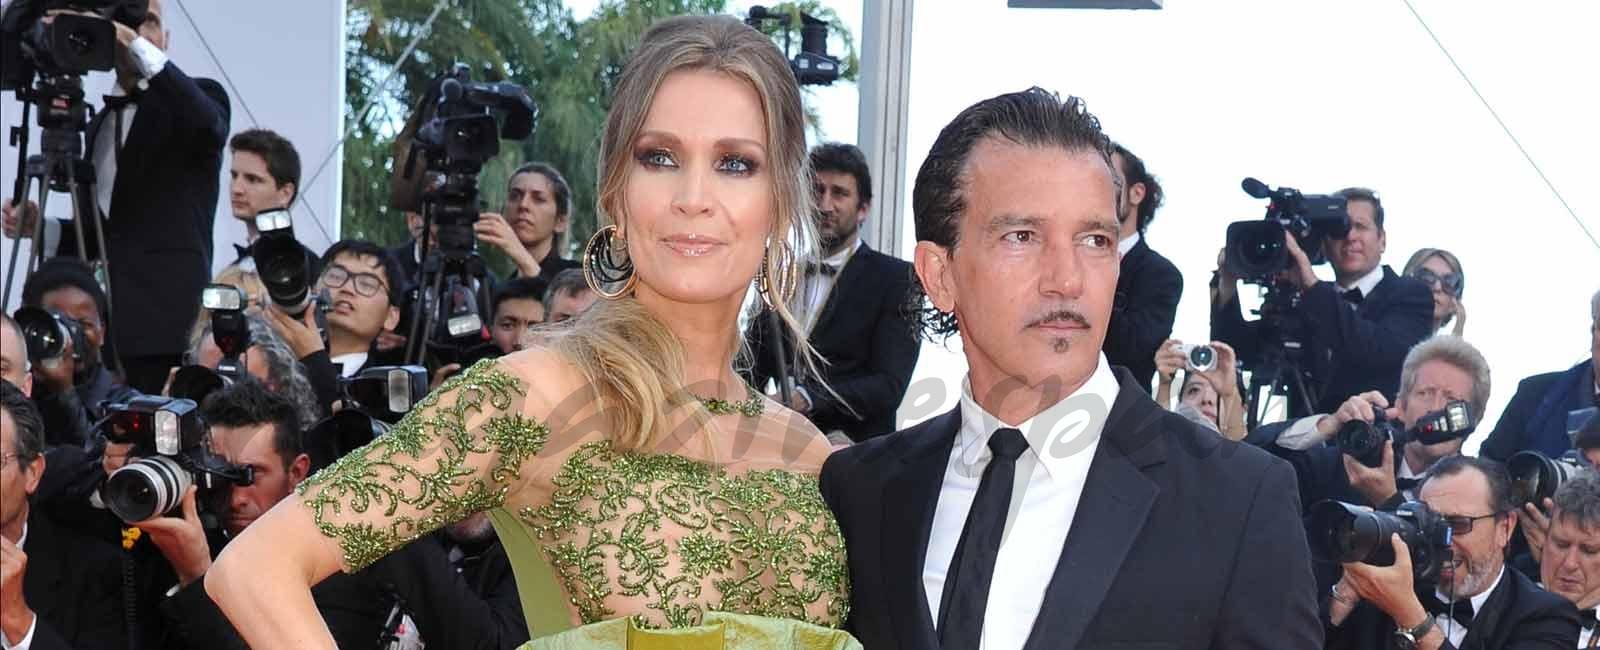 Antonio Banderas y Nicole Kimpel, tres años de amor en Cannes